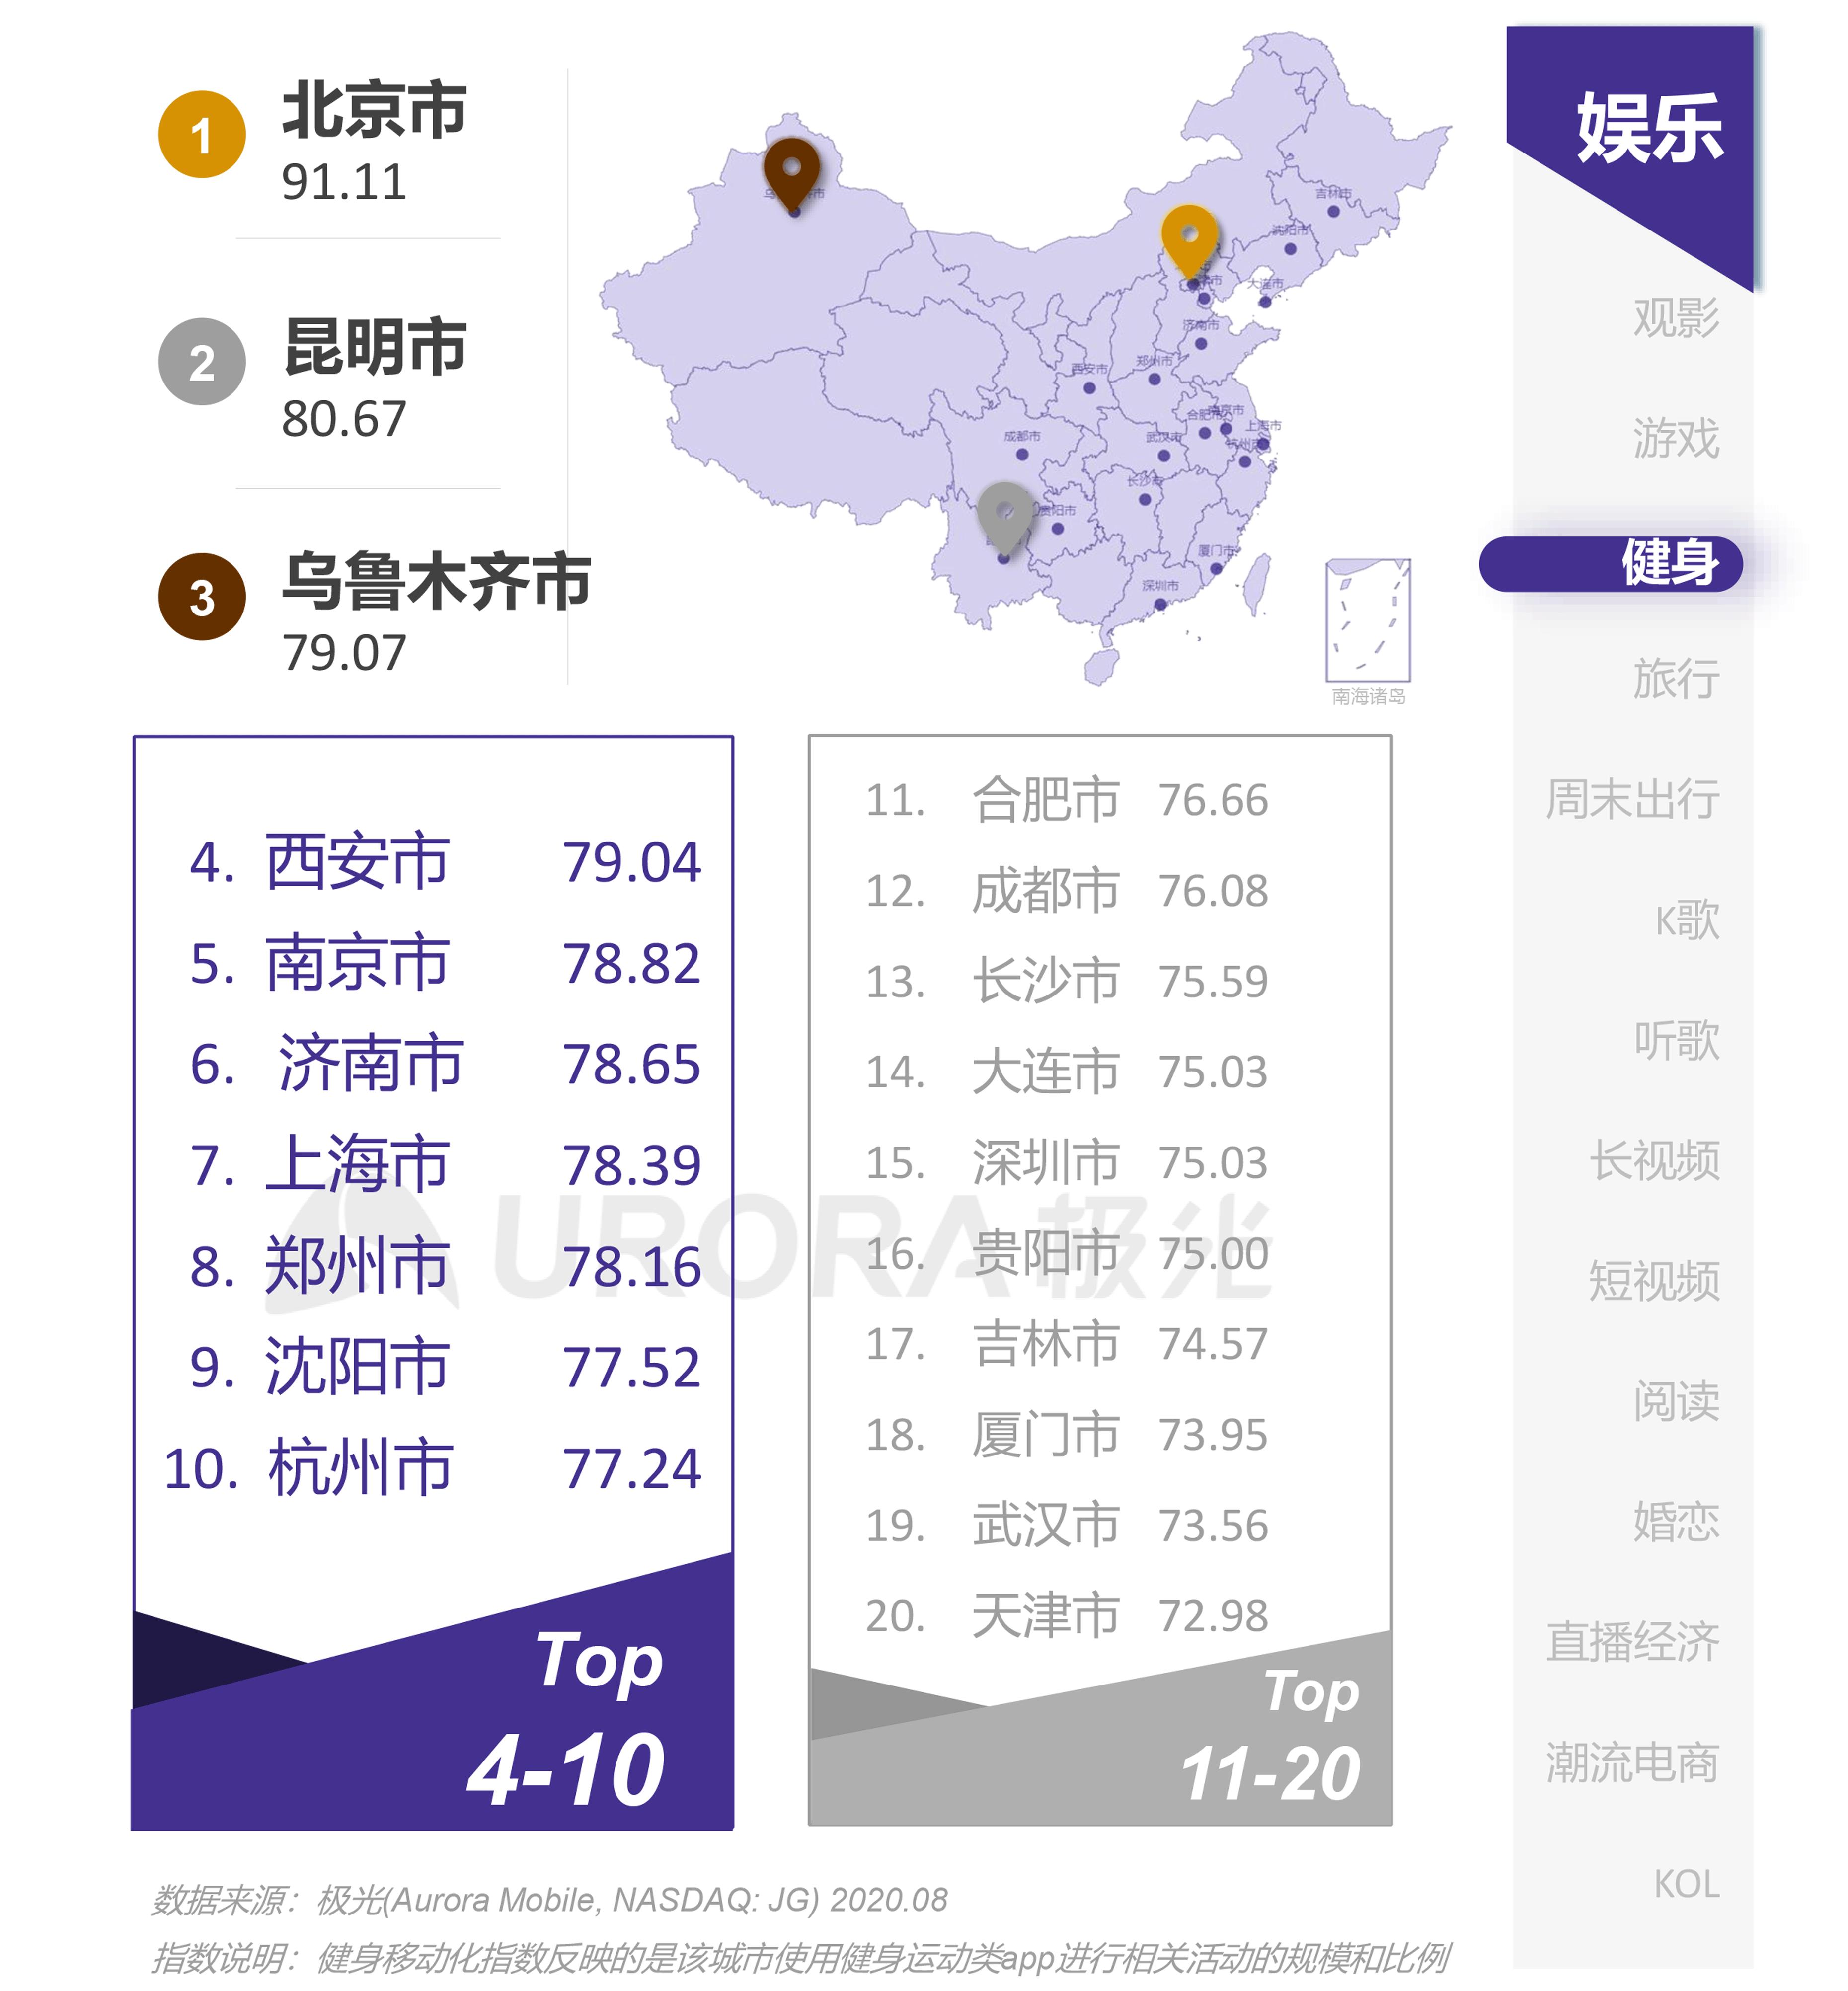 极光:互联网城市榜单 (21).png